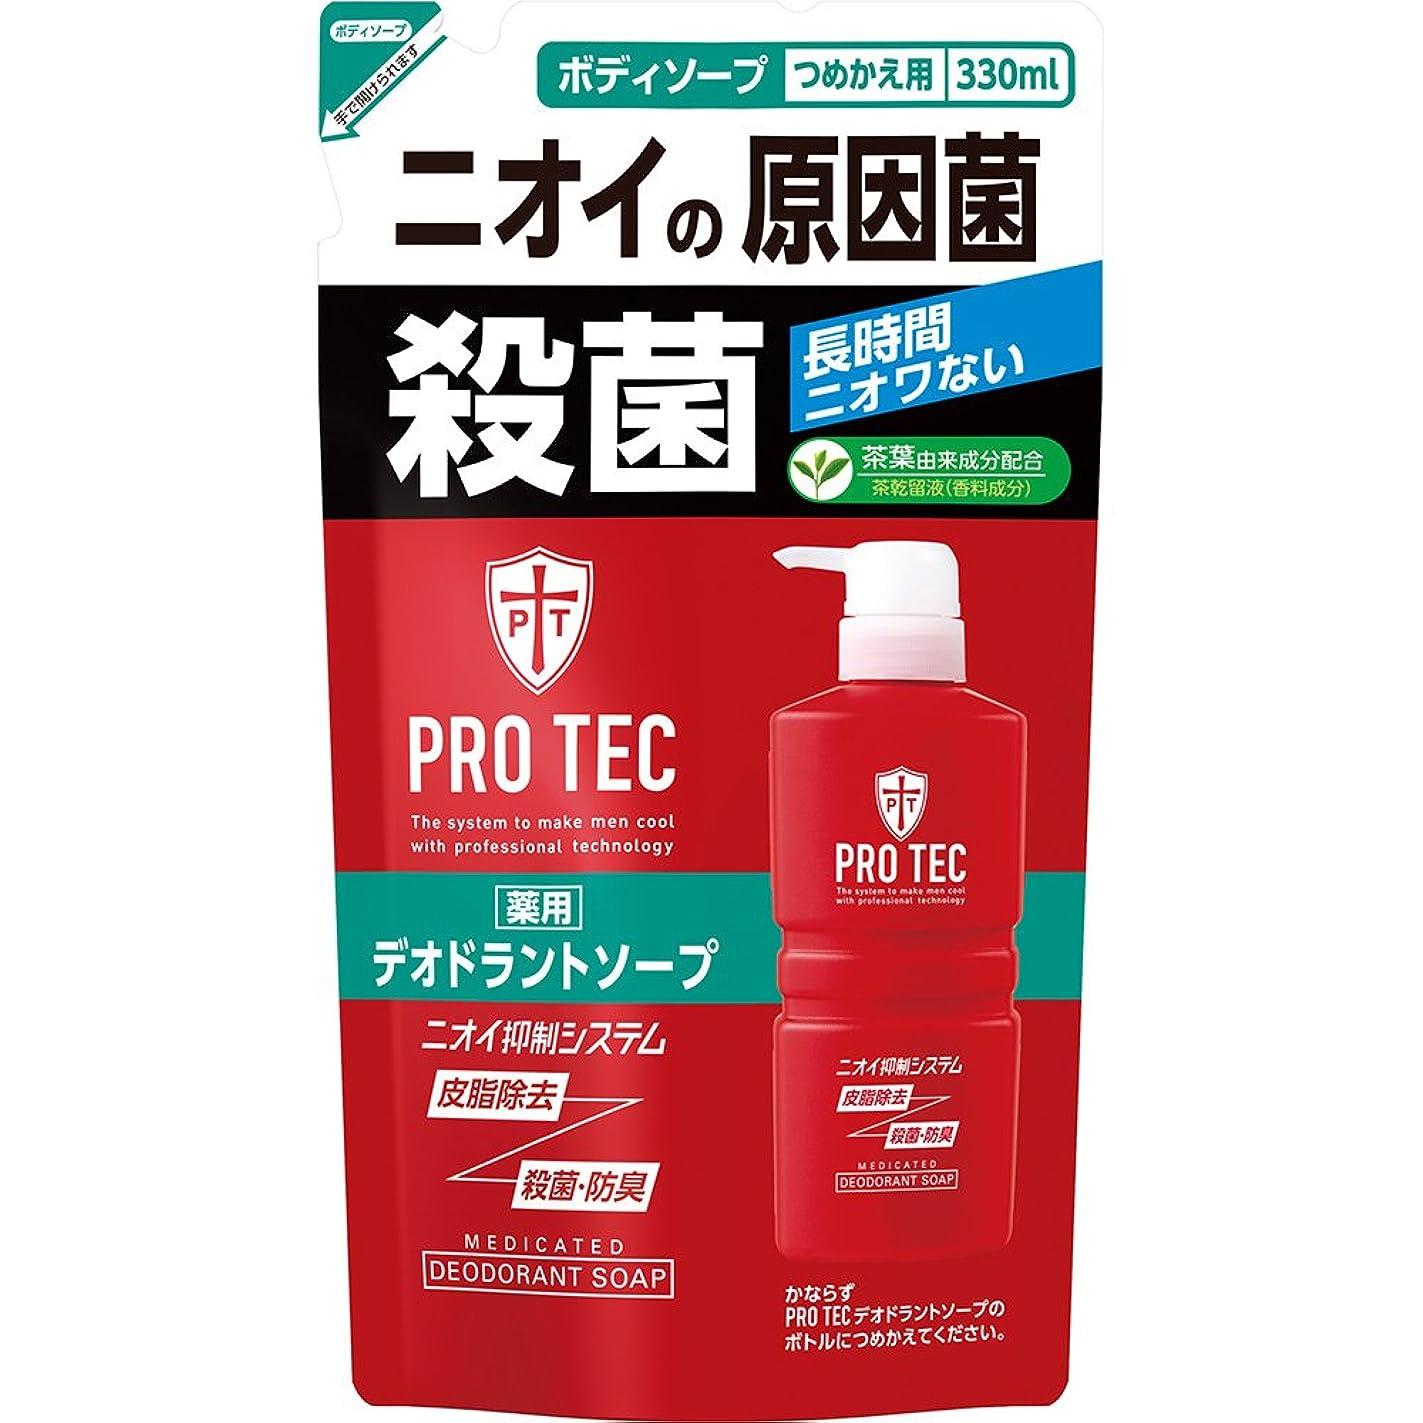 谷剣販売計画PRO TEC(プロテク) デオドラントソープ 詰め替え 330ml(医薬部外品)